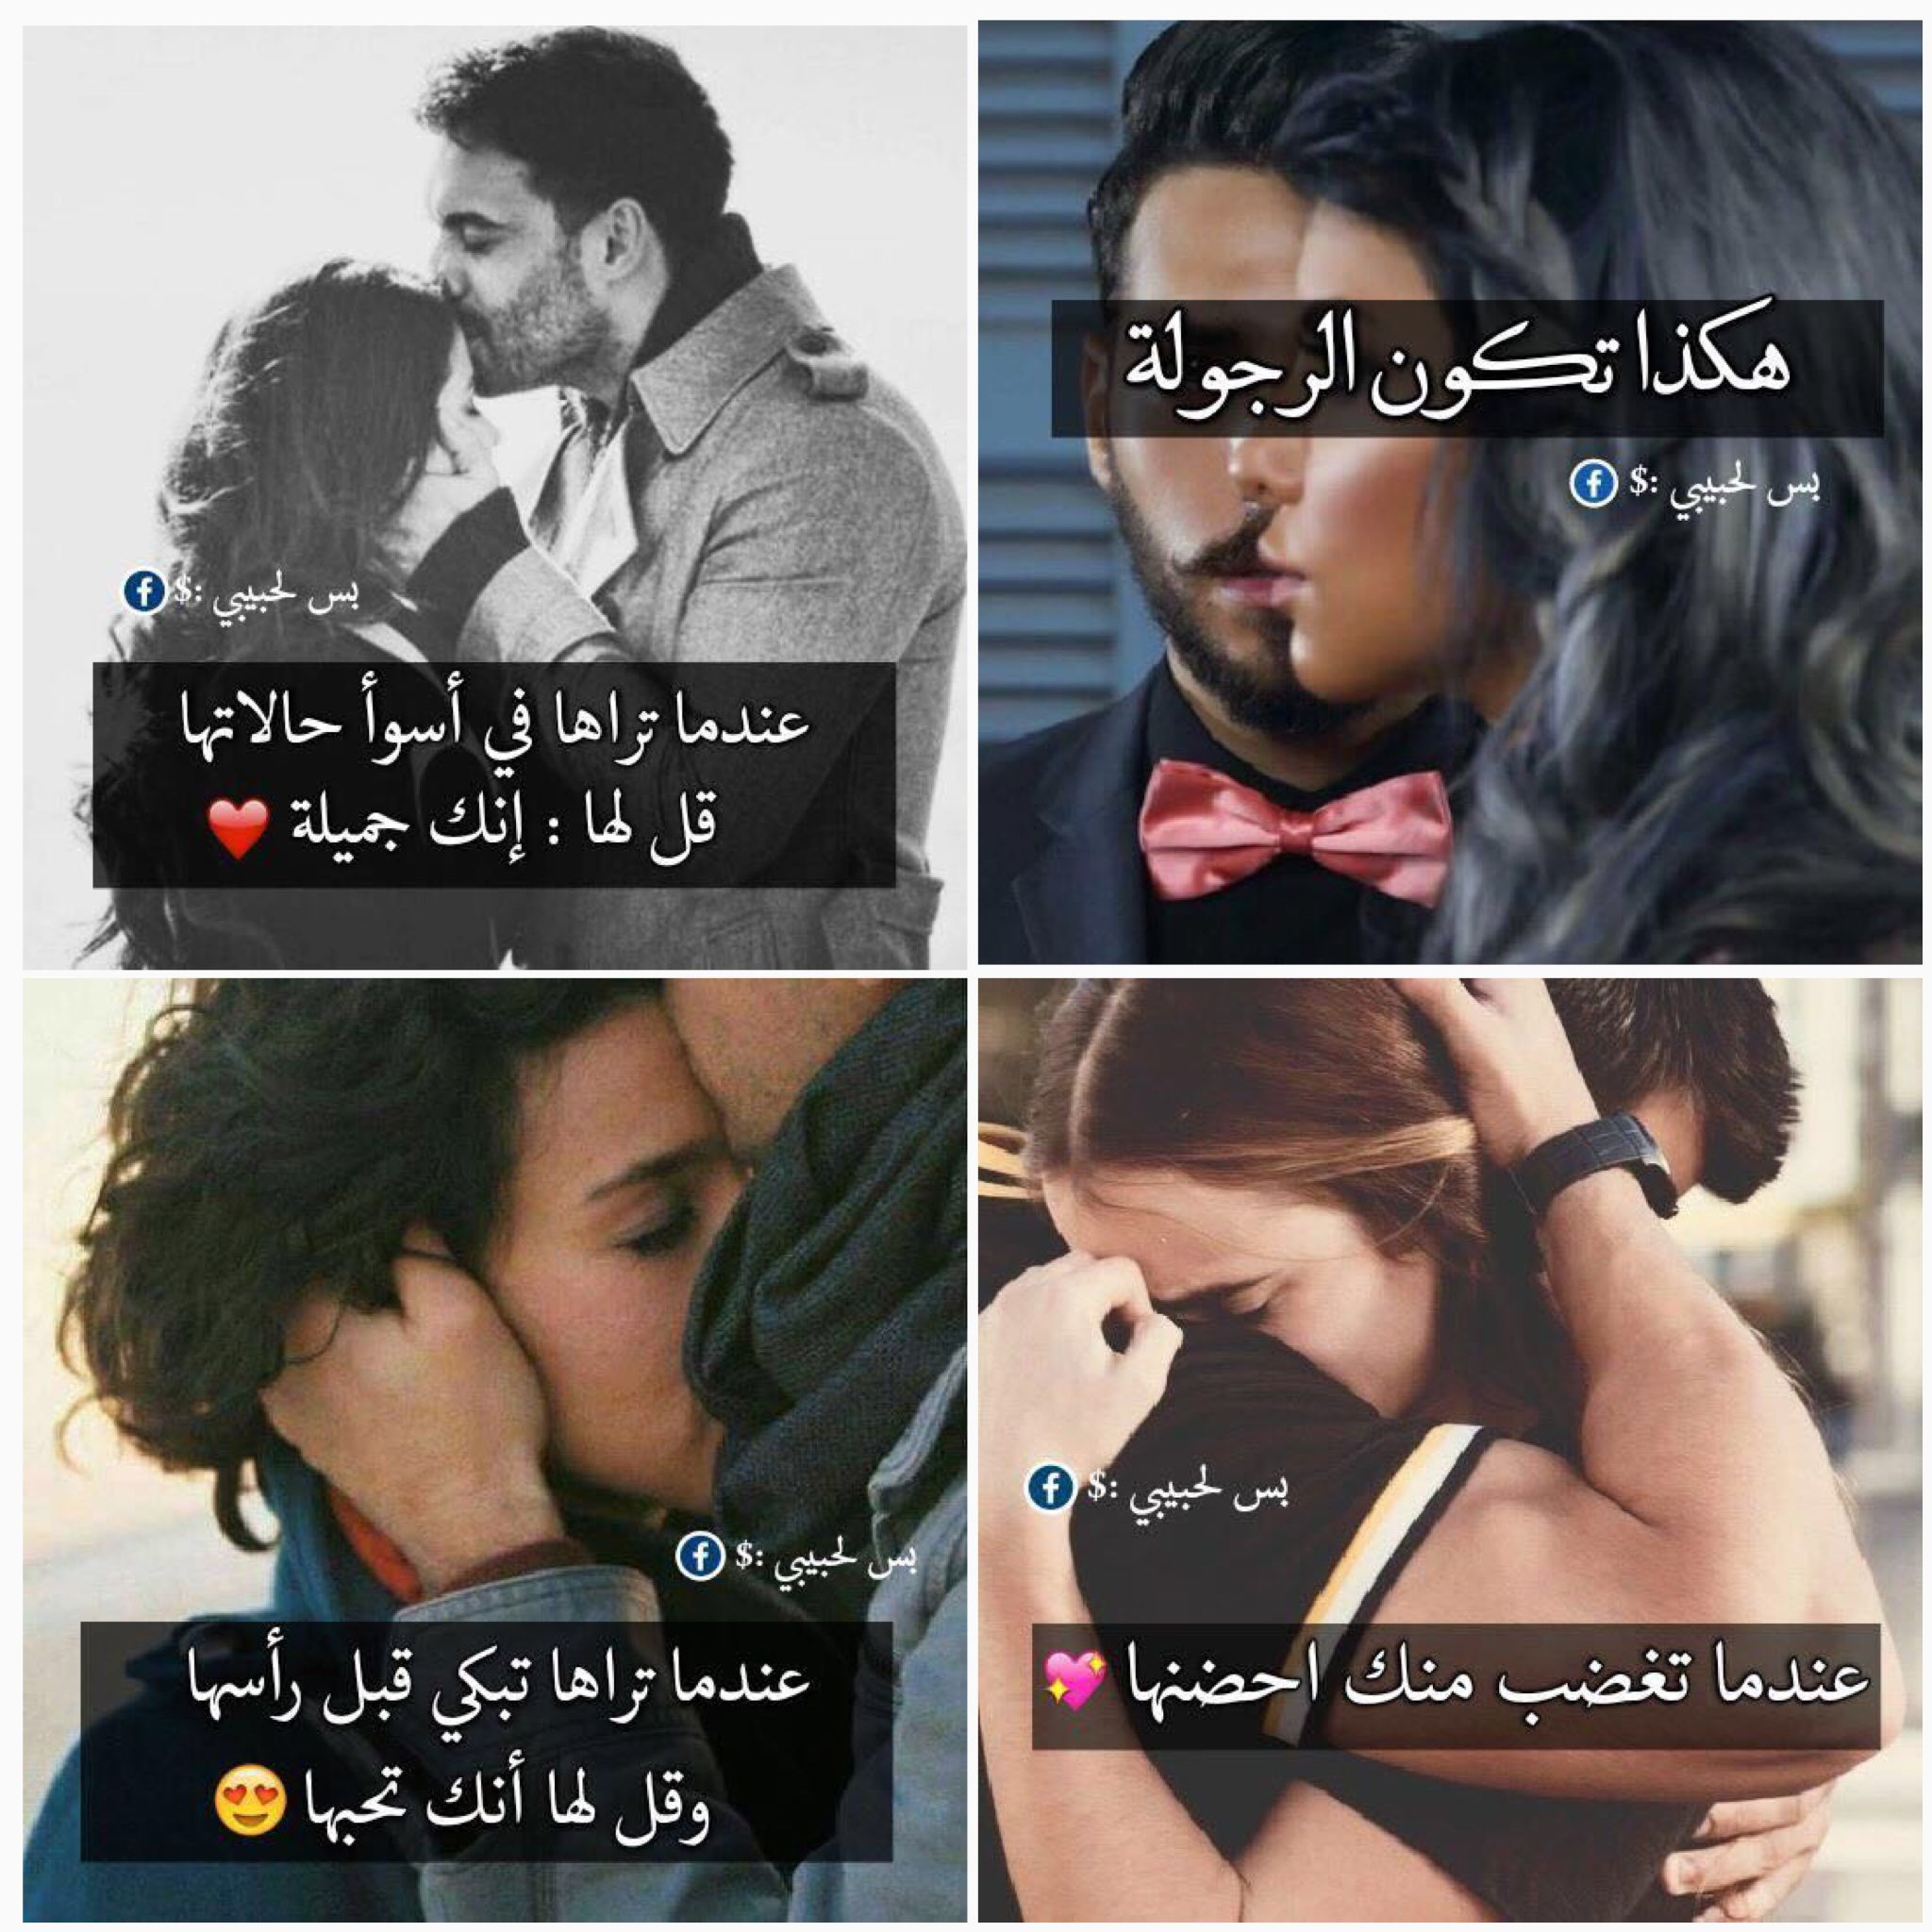 ذلك هو الرجل ذلك هو الحب Love Words Islamic Love Quotes Arabic Love Quotes